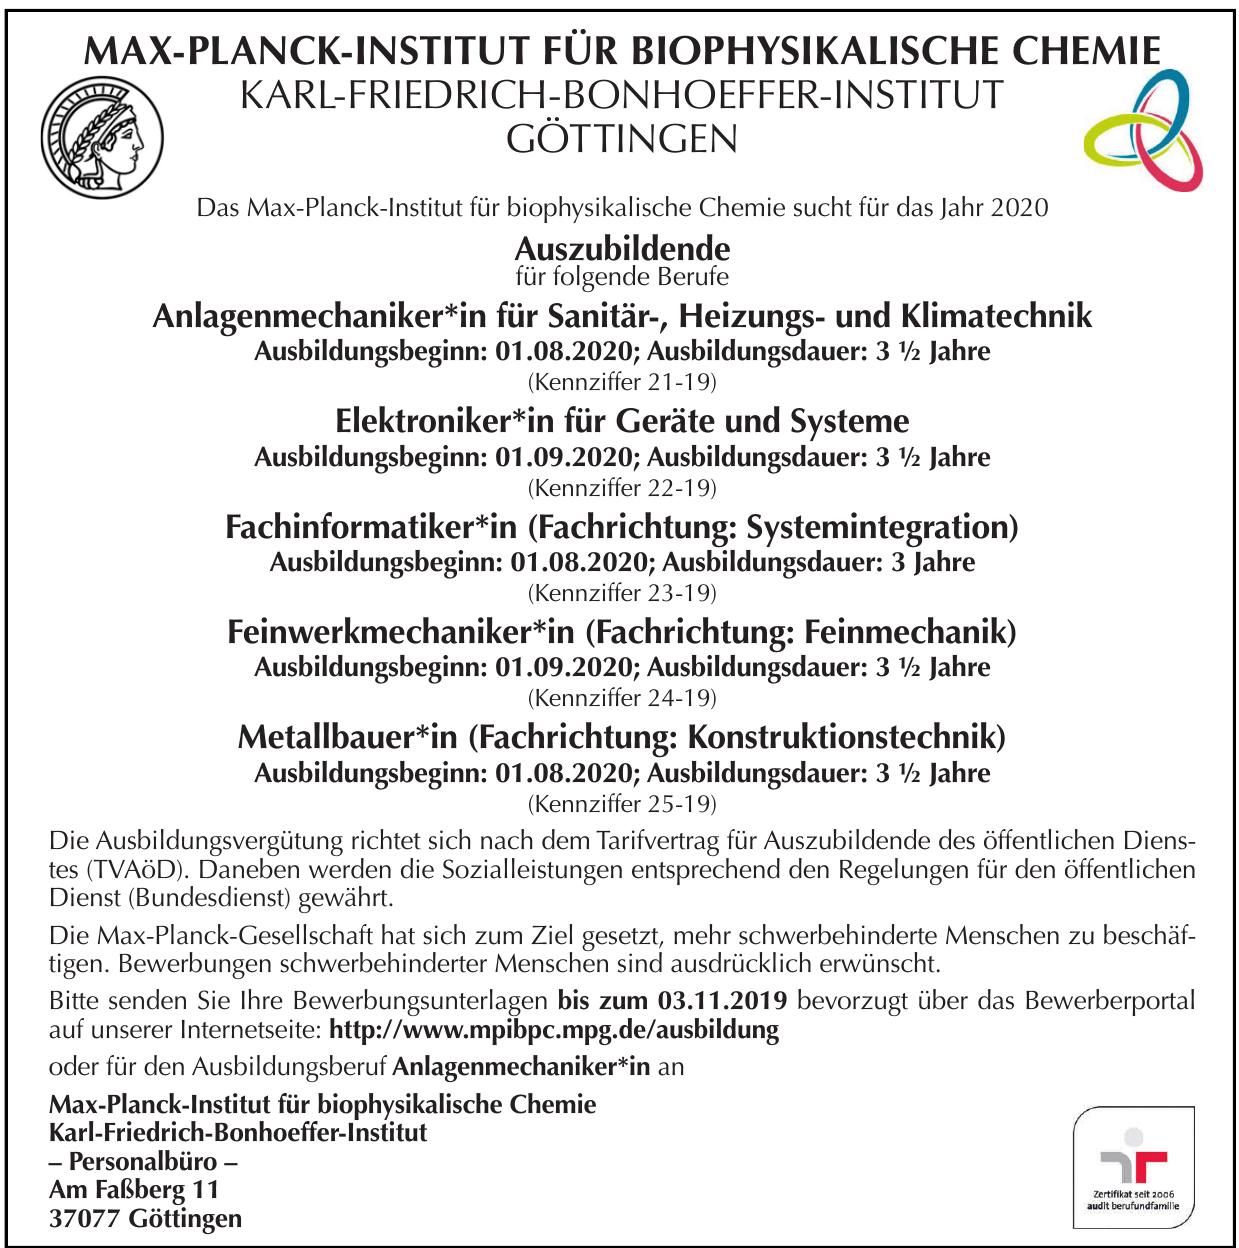 Max-Planck-Institut für biophysikalische Chemie